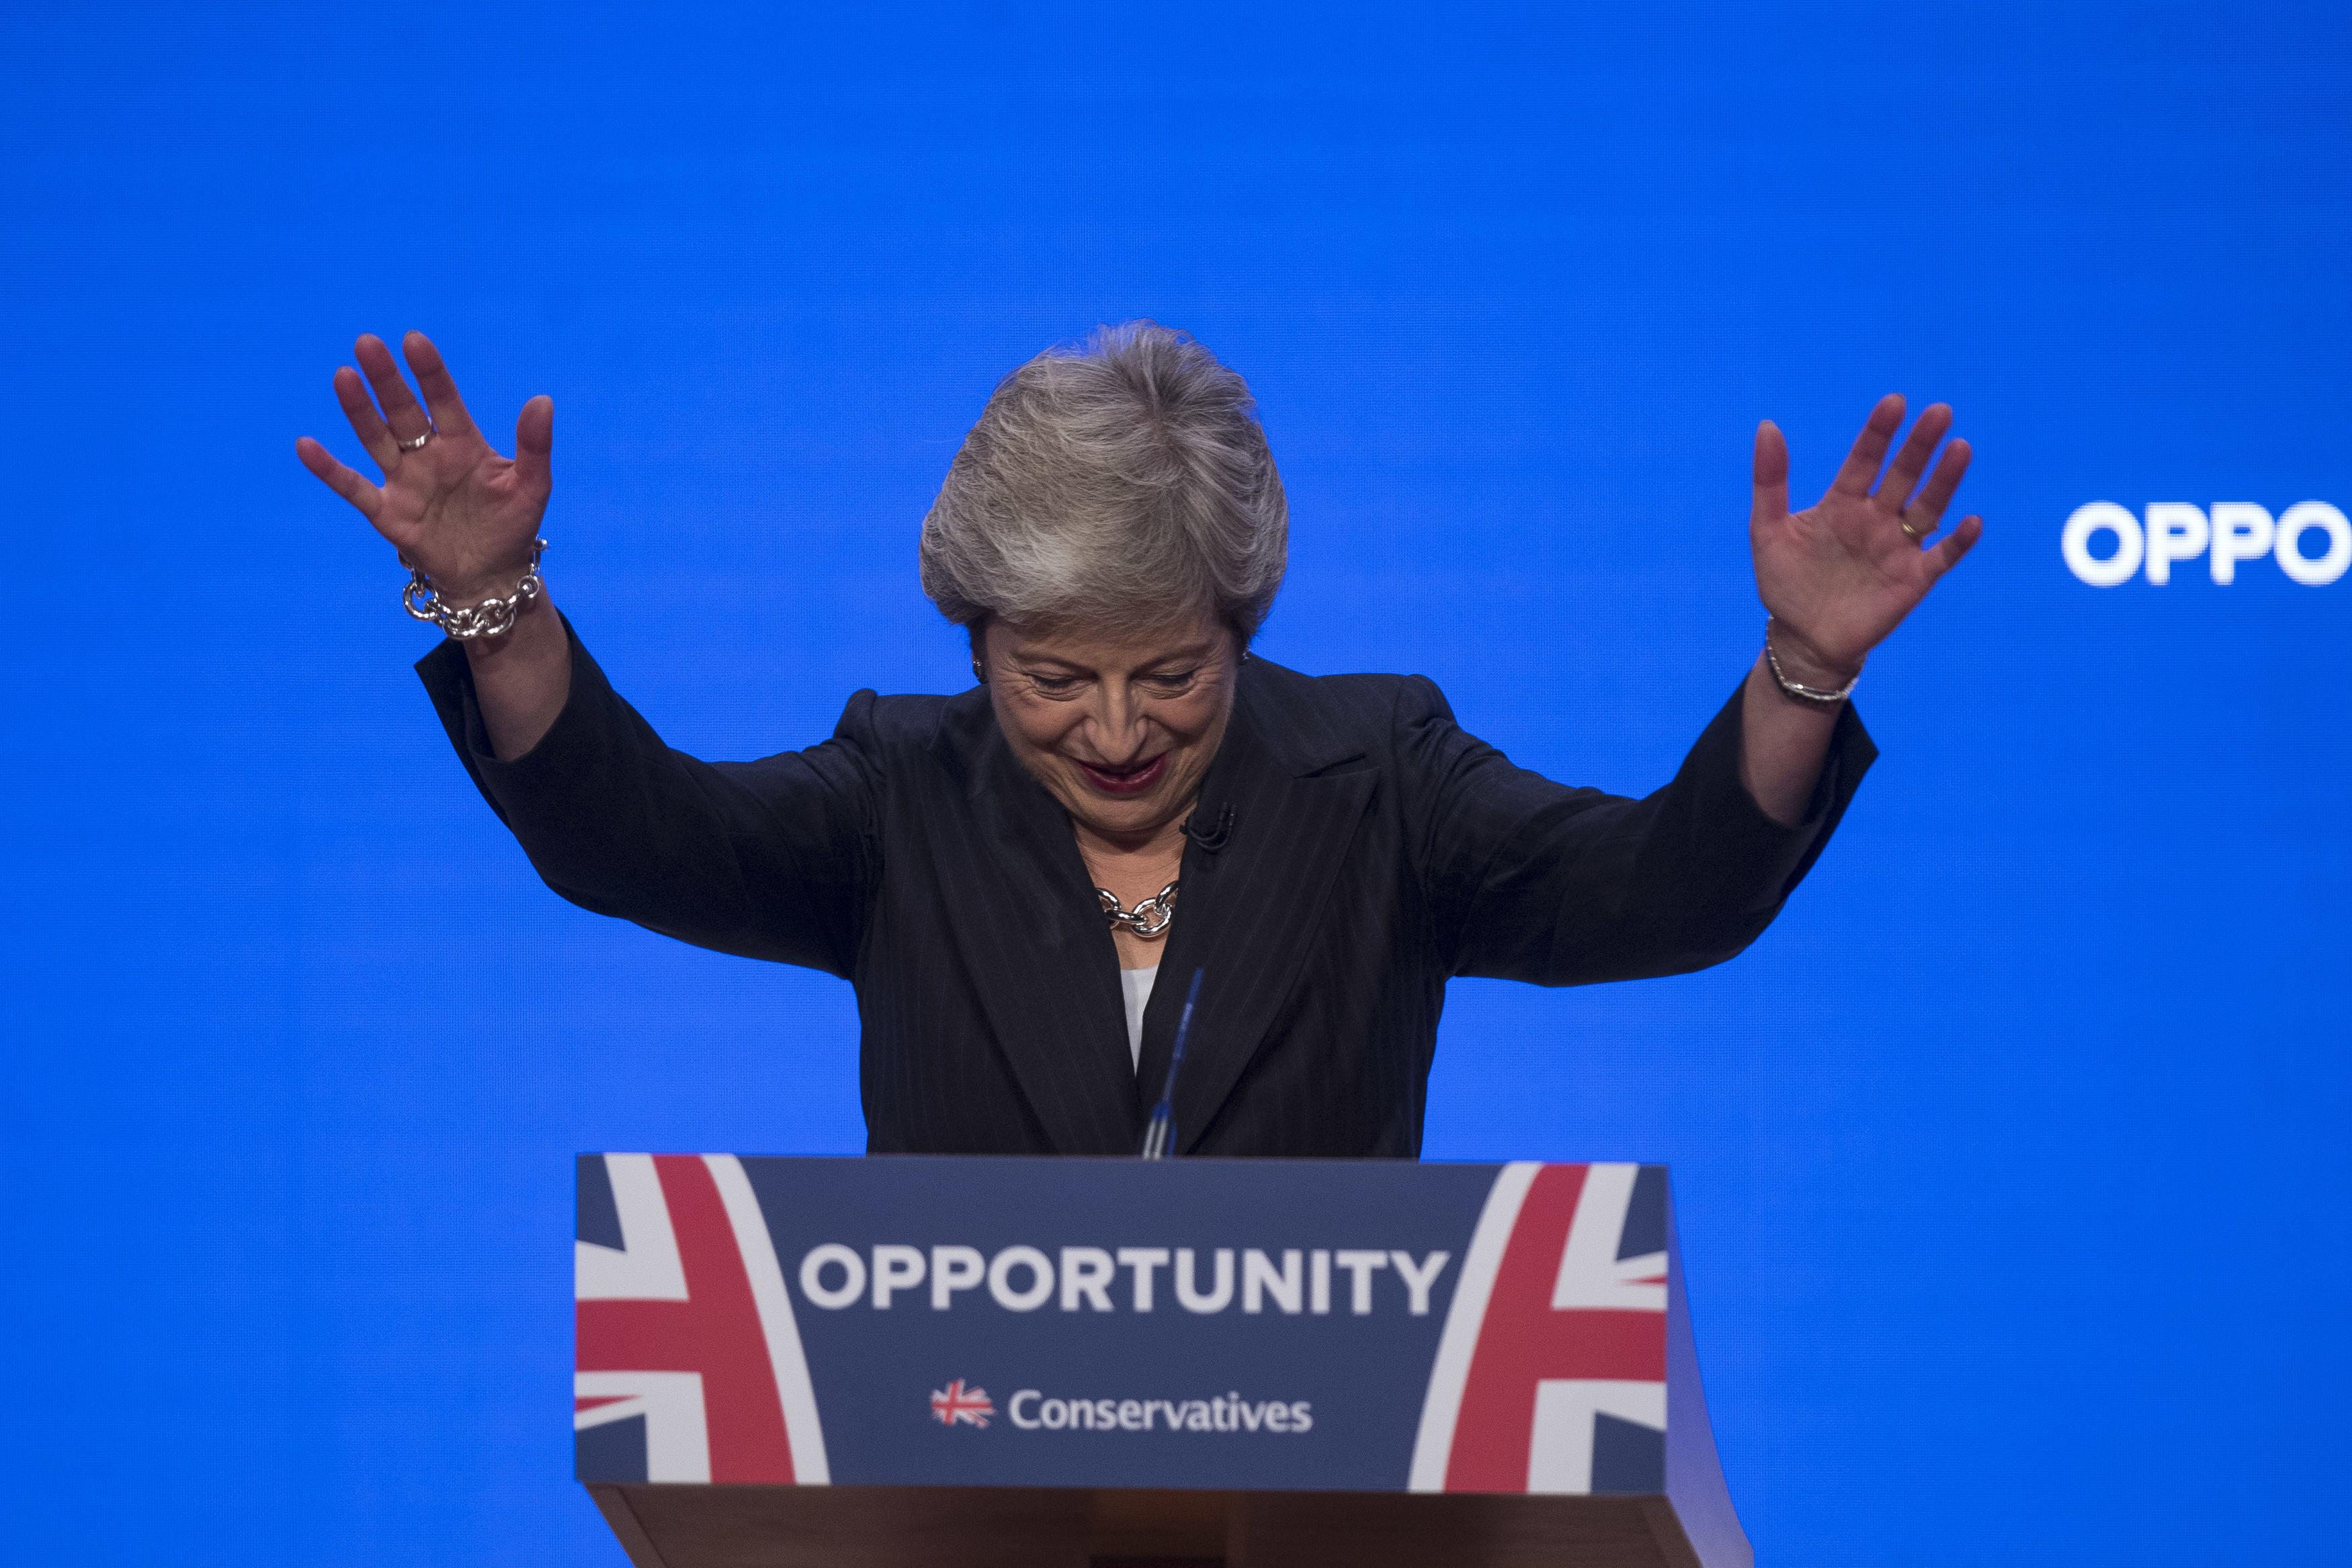 영국 브렉시트에는 대체 무슨 일이 벌어지고 있는 것인가???